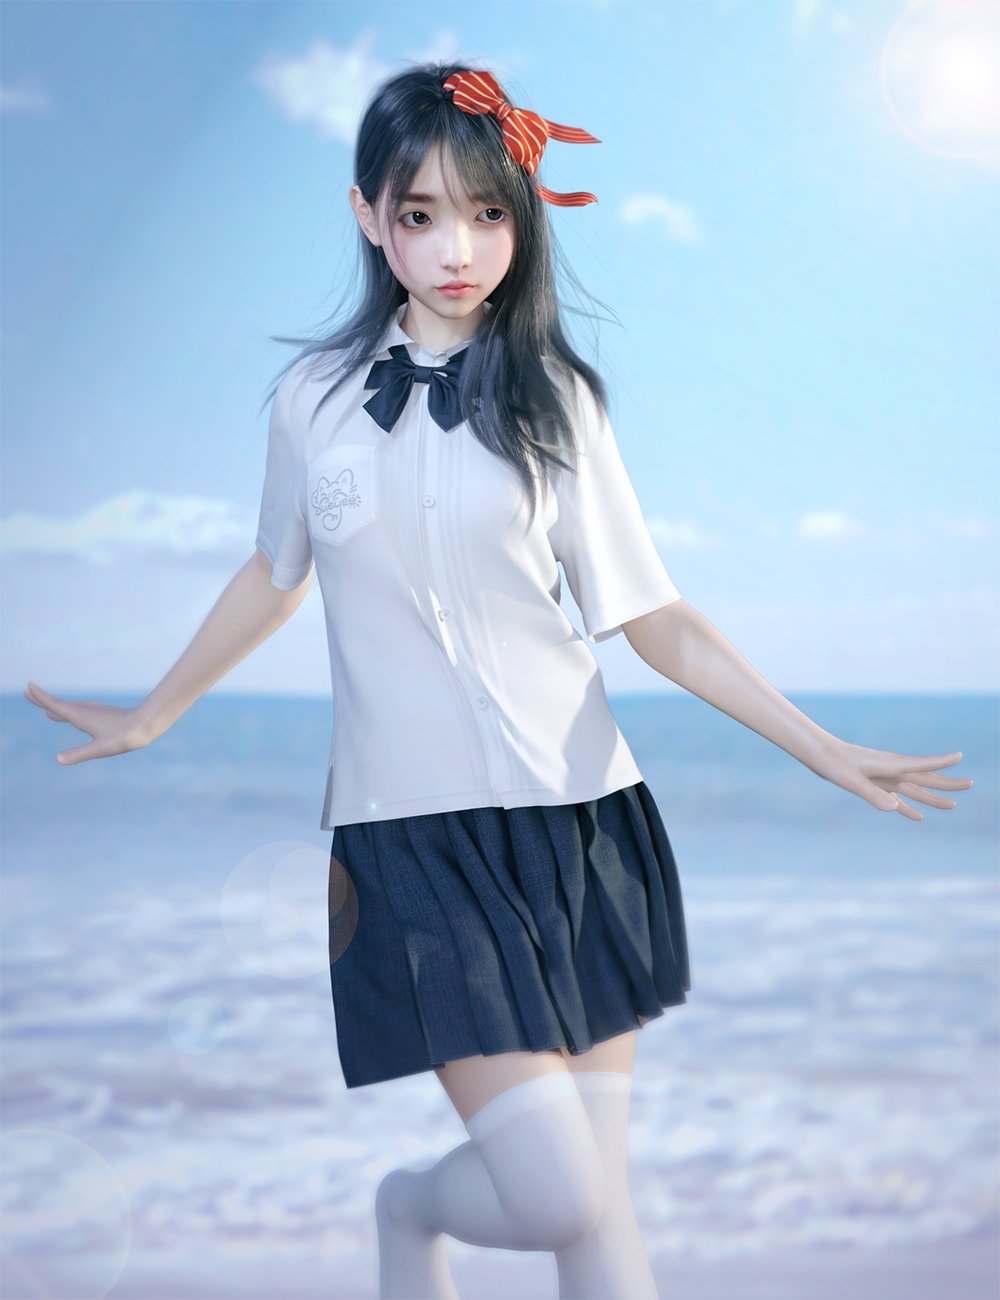 dForce Sue Yee School Uniform for Genesis 8 and 8.1 Females by: Sue Yee, 3D Models by Daz 3D